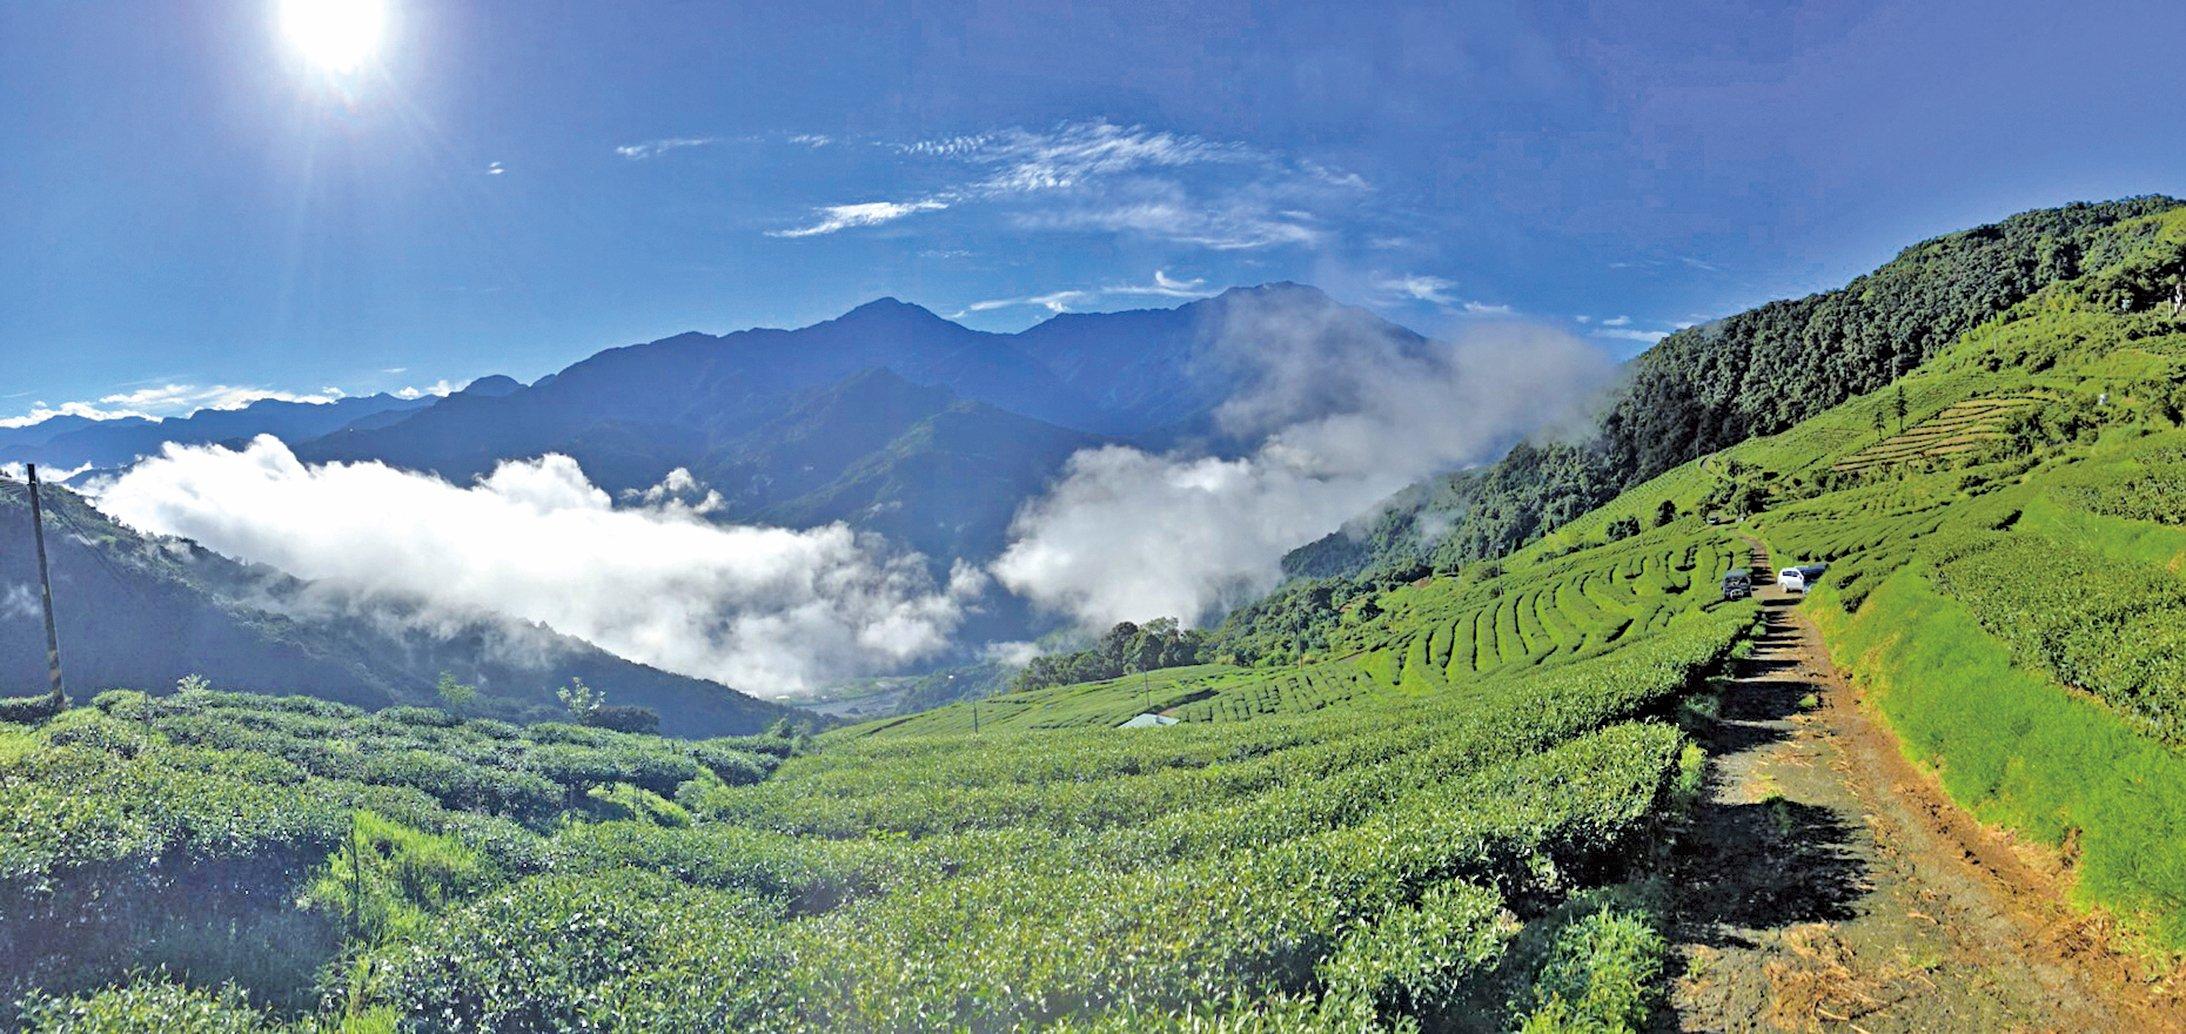 嘉義高山茶園依傍著層疊山巒,漫山遍野的茶樹叢碧綠耀眼。